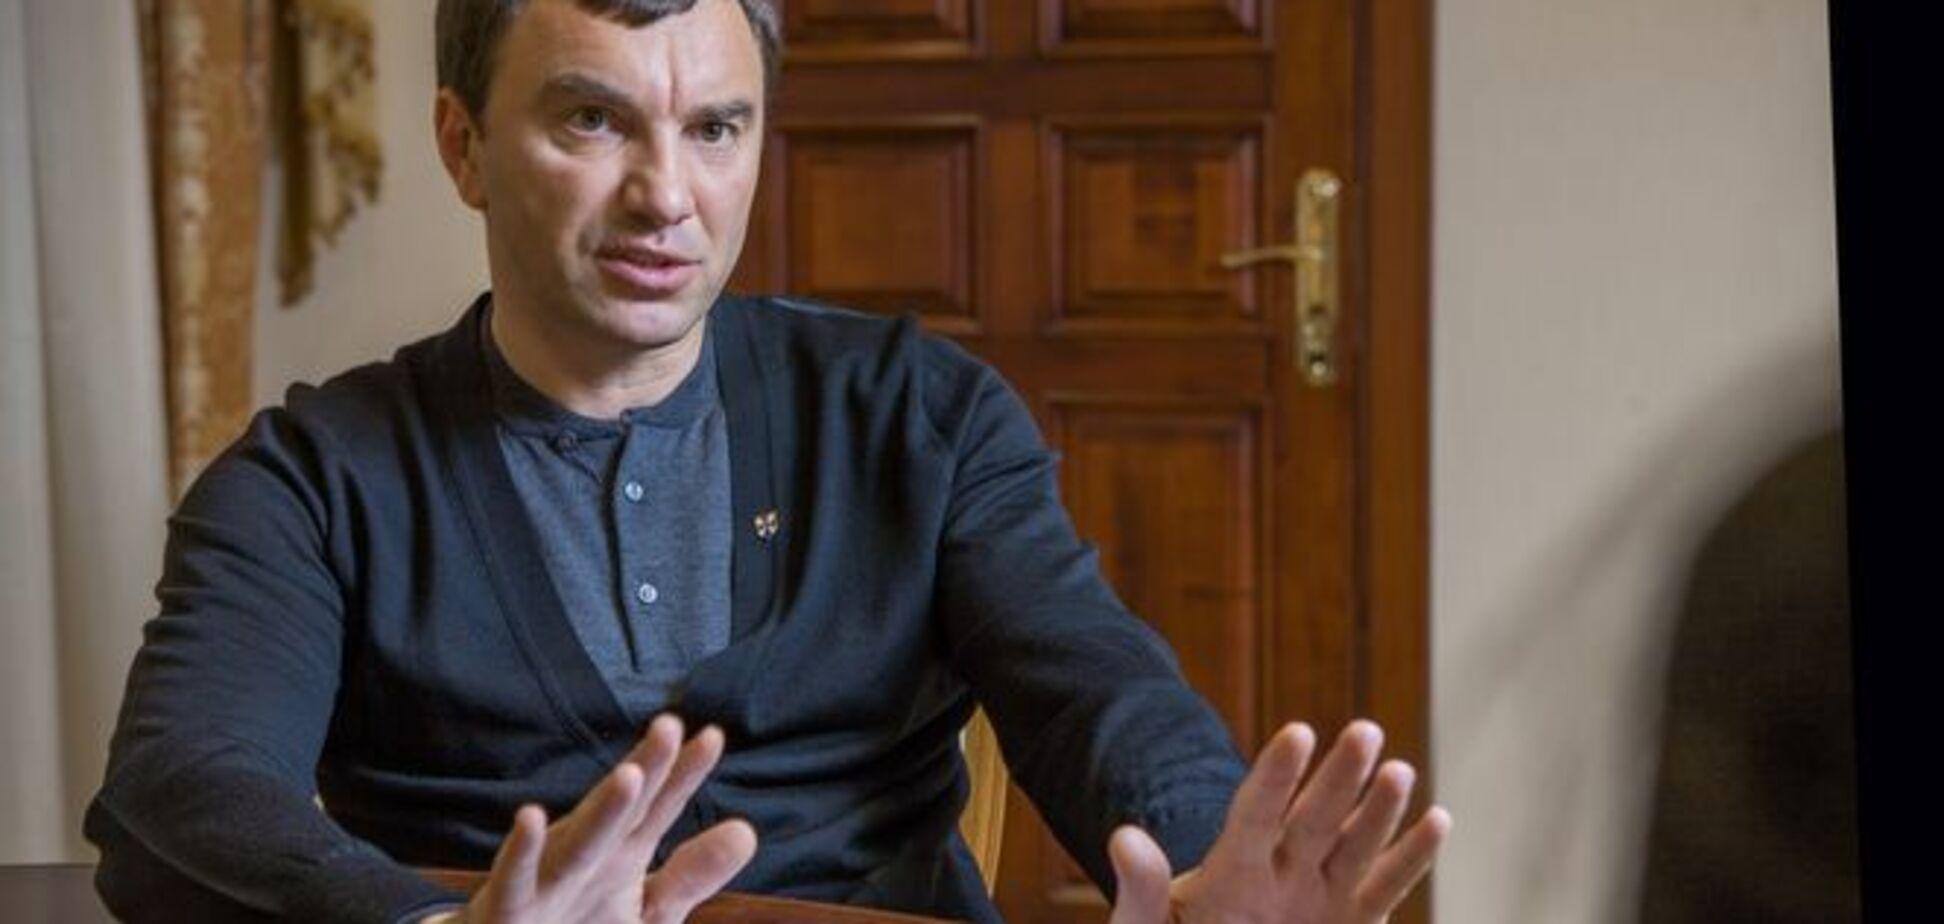 Фіктивне розлучення і ''скелети'' у декларації: як заступник голови ''Народного фронту'' наплював на закон